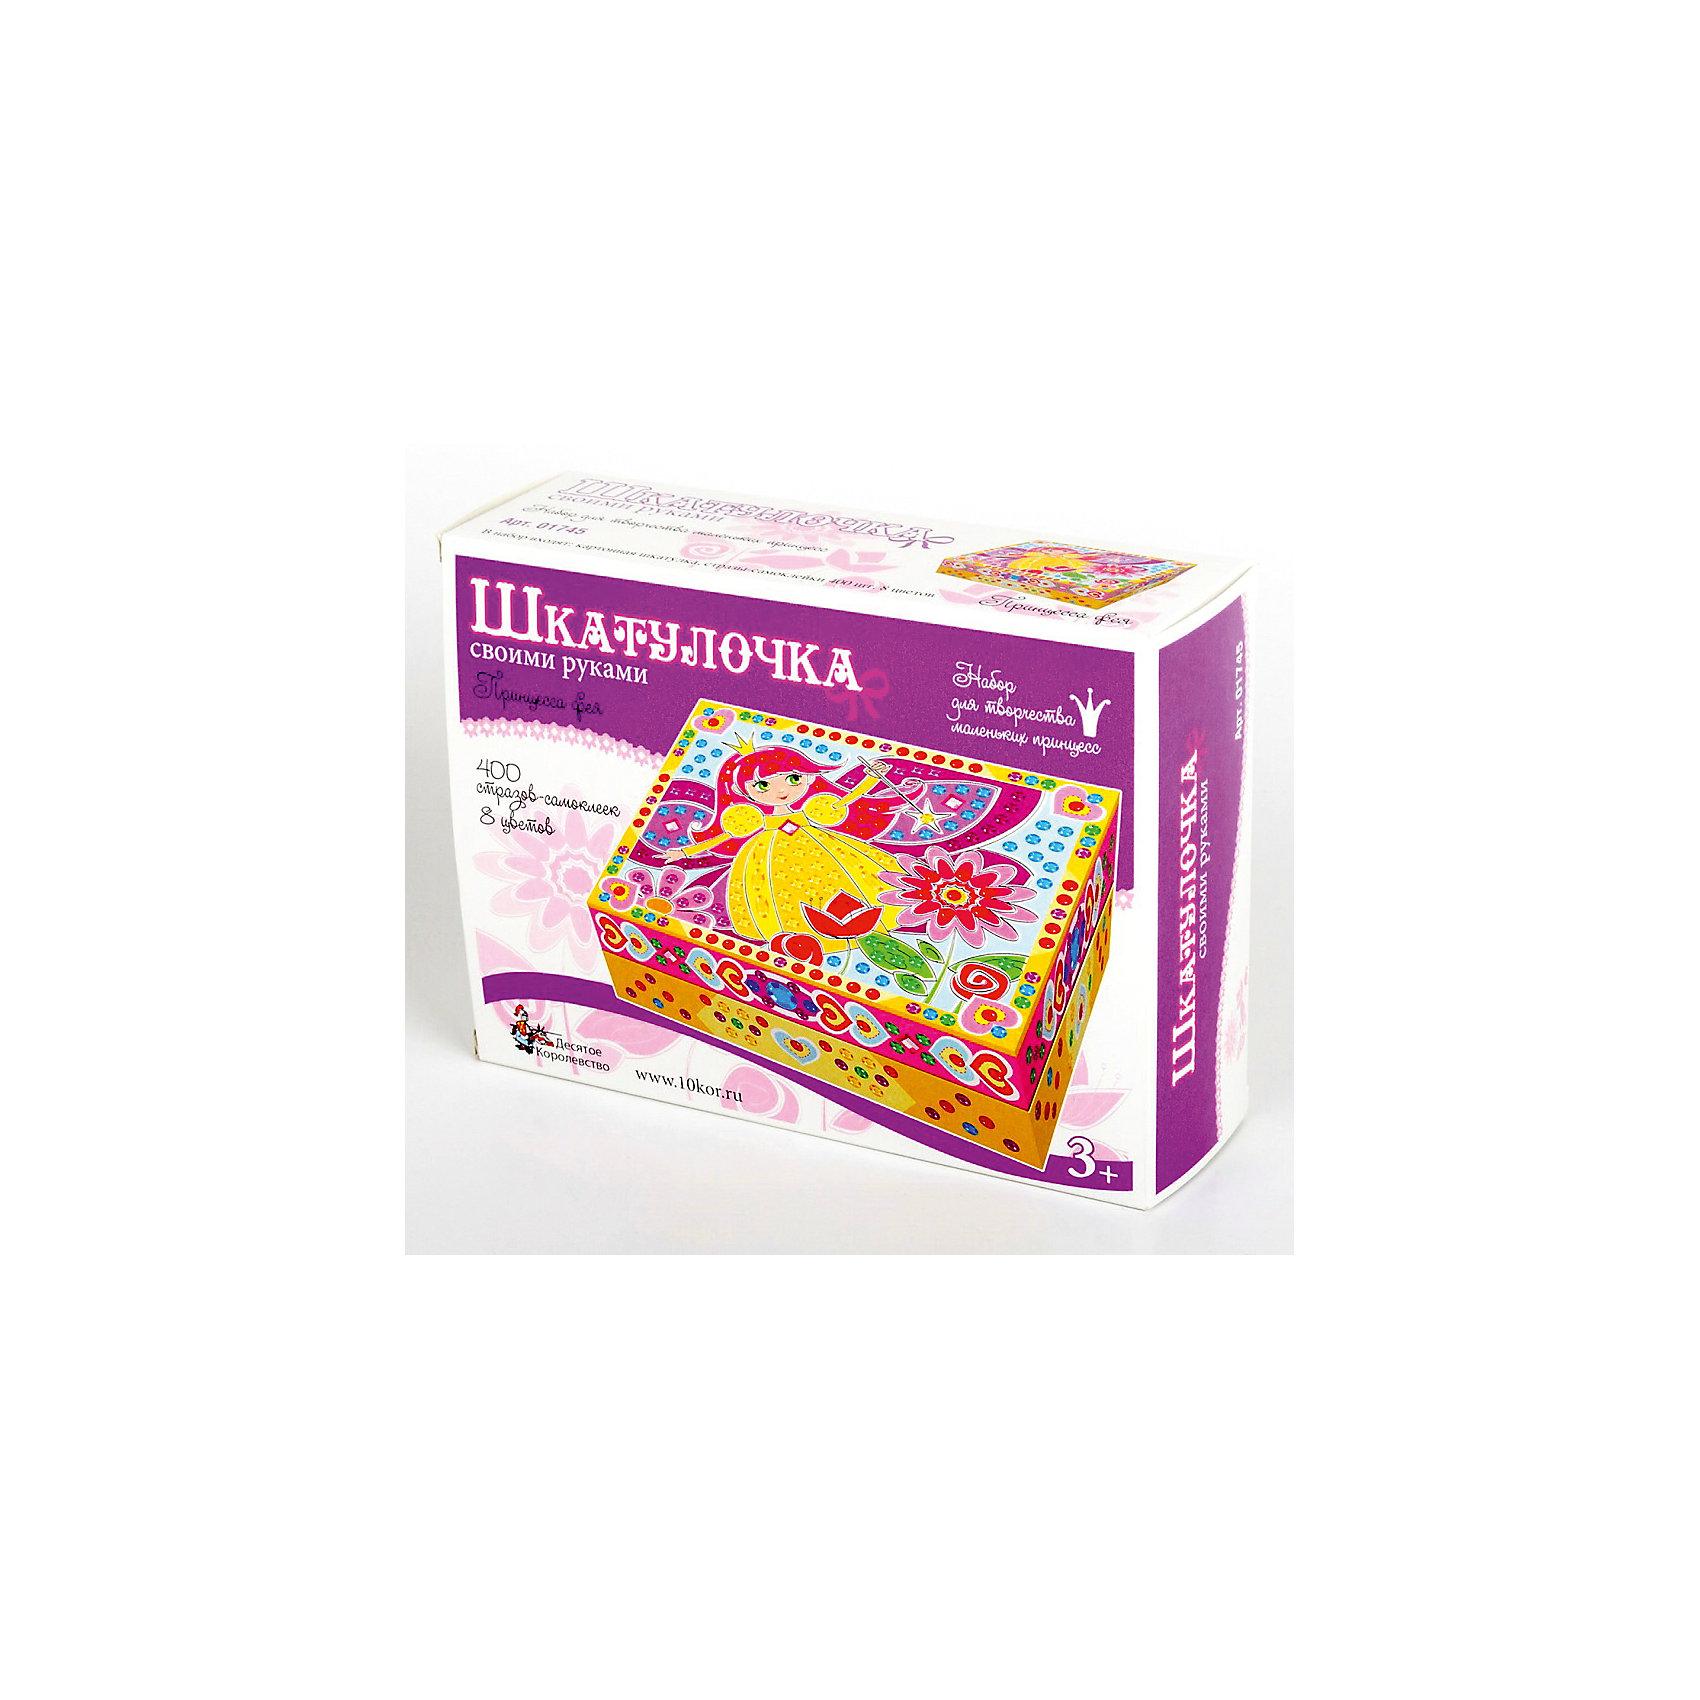 Шкатулка Принцесса фея, Десятое королевствоРукоделие<br>Шкатулка Принцесса фея, Десятое королевство<br><br>Характеристики:<br><br>• Возраст: от 5 лет<br>• Размер готовой игрушки: 15х15 х 4,5 см<br>• Материал: картон, акрил, метал<br>• В комплекте: заготовка шкатулки, 400 страз 8 цветов<br><br>Этот замечательный набор позволяет ребенку самостоятельно собрать для себя яркую и красивую шкатулку с очаровательным рисунком. Благодаря устройству набора, форму для шкатулку довольно просто сложить, а для украшения удобно использовать идущие в наборе стразы, которые можно приклеивать прямо по номерам. Работа с набором развивает усидчивость и мелкую моторику.<br><br>Шкатулка Принцесса фея, Десятое королевство можно купить в нашем интернет-магазине.<br><br>Ширина мм: 200<br>Глубина мм: 150<br>Высота мм: 60<br>Вес г: 225<br>Возраст от месяцев: 60<br>Возраст до месяцев: 84<br>Пол: Женский<br>Возраст: Детский<br>SKU: 5471658